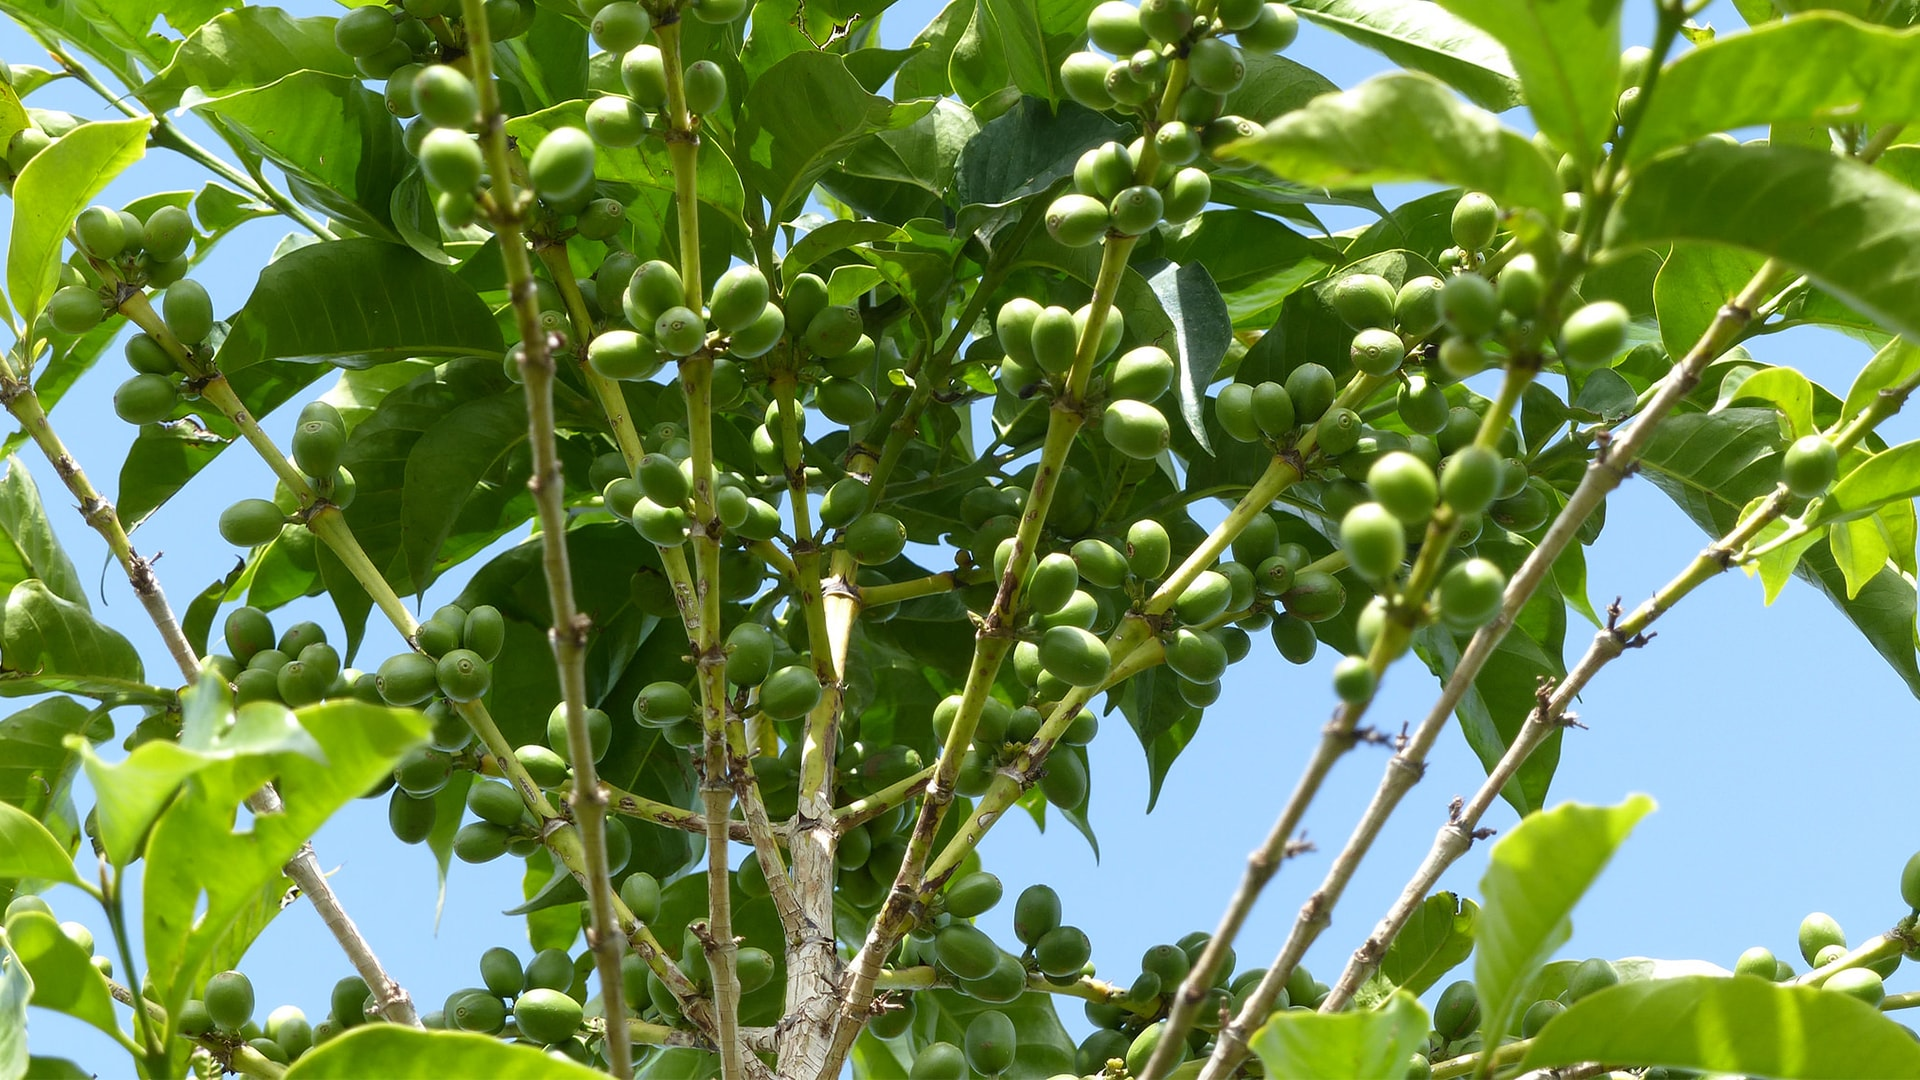 Anbassa-artisan-torrefacteur-arbre-le-cafeier-lhistoire-de-ses-varietes-slide-1-min